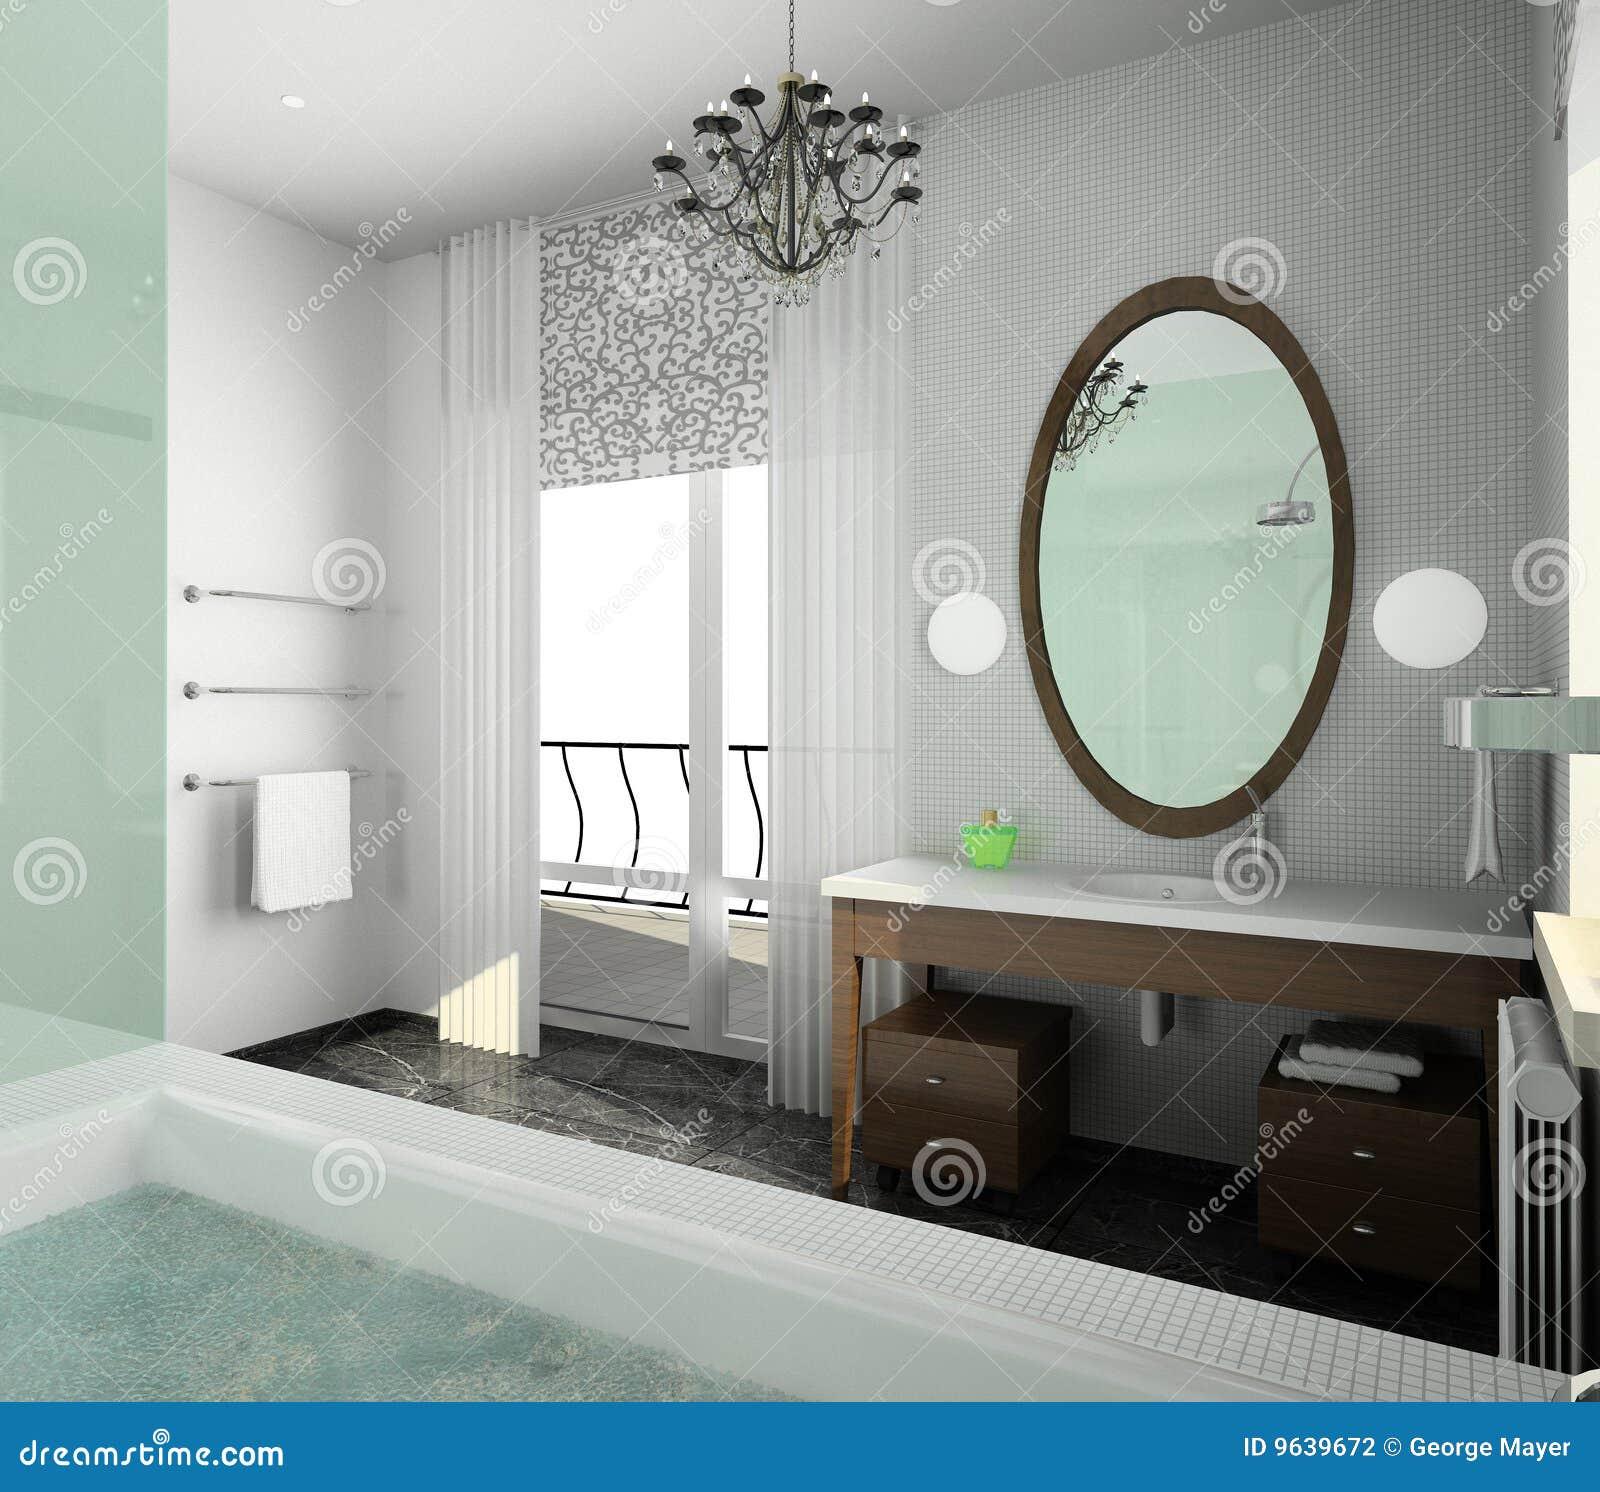 Stanza da bagno disegno moderno dell 39 interiore fotografia - Stanza da bagno ...